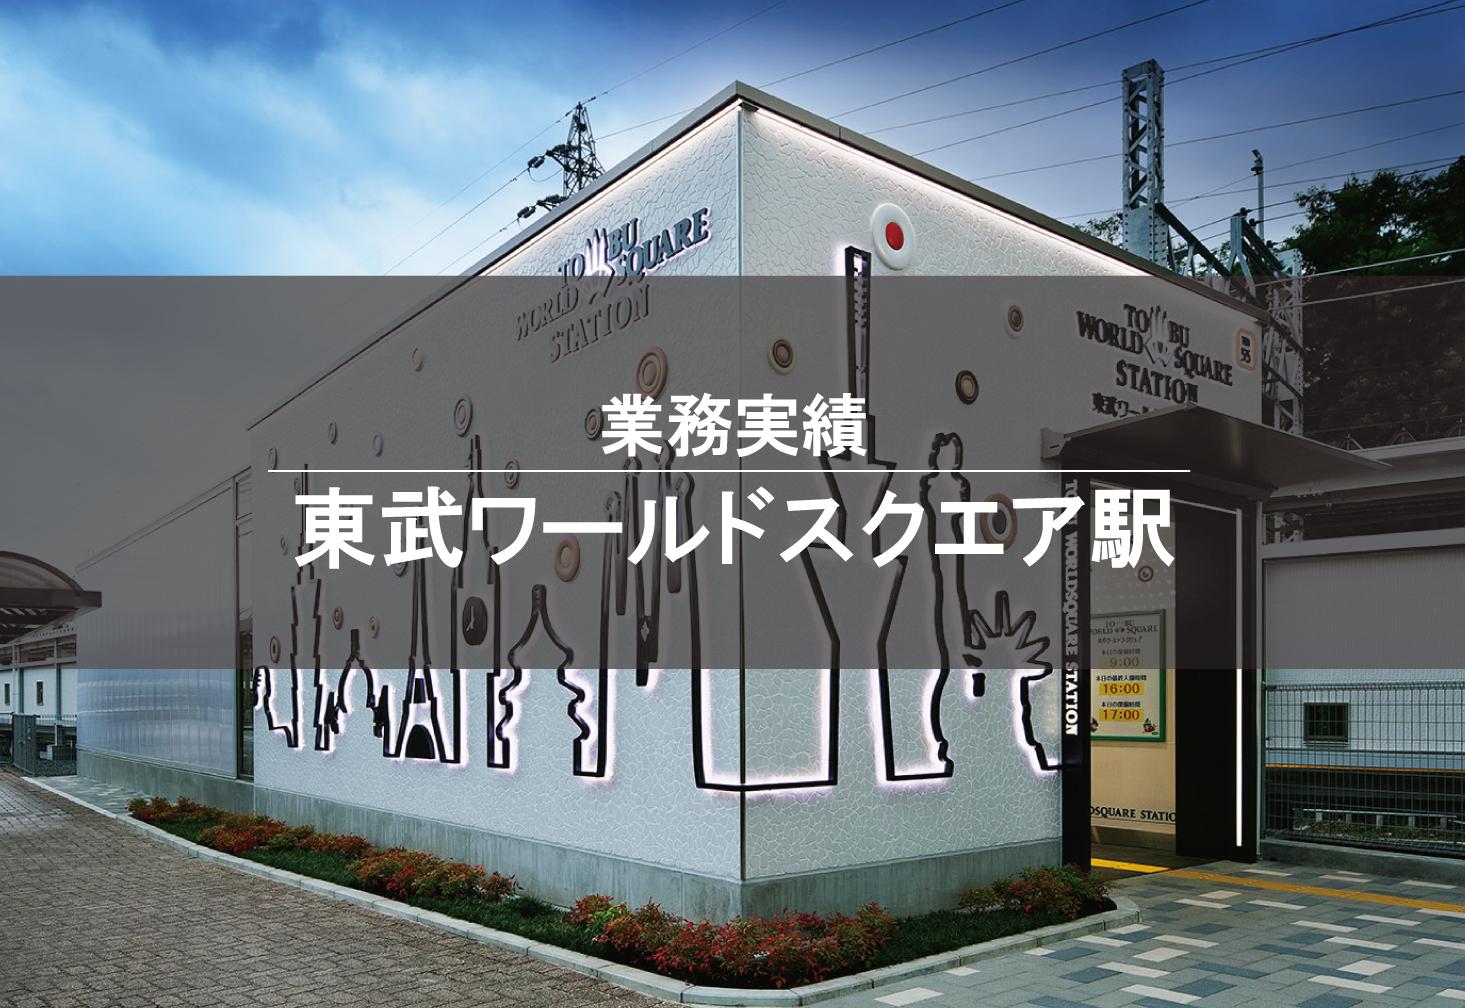 東武ワールドスクエア駅